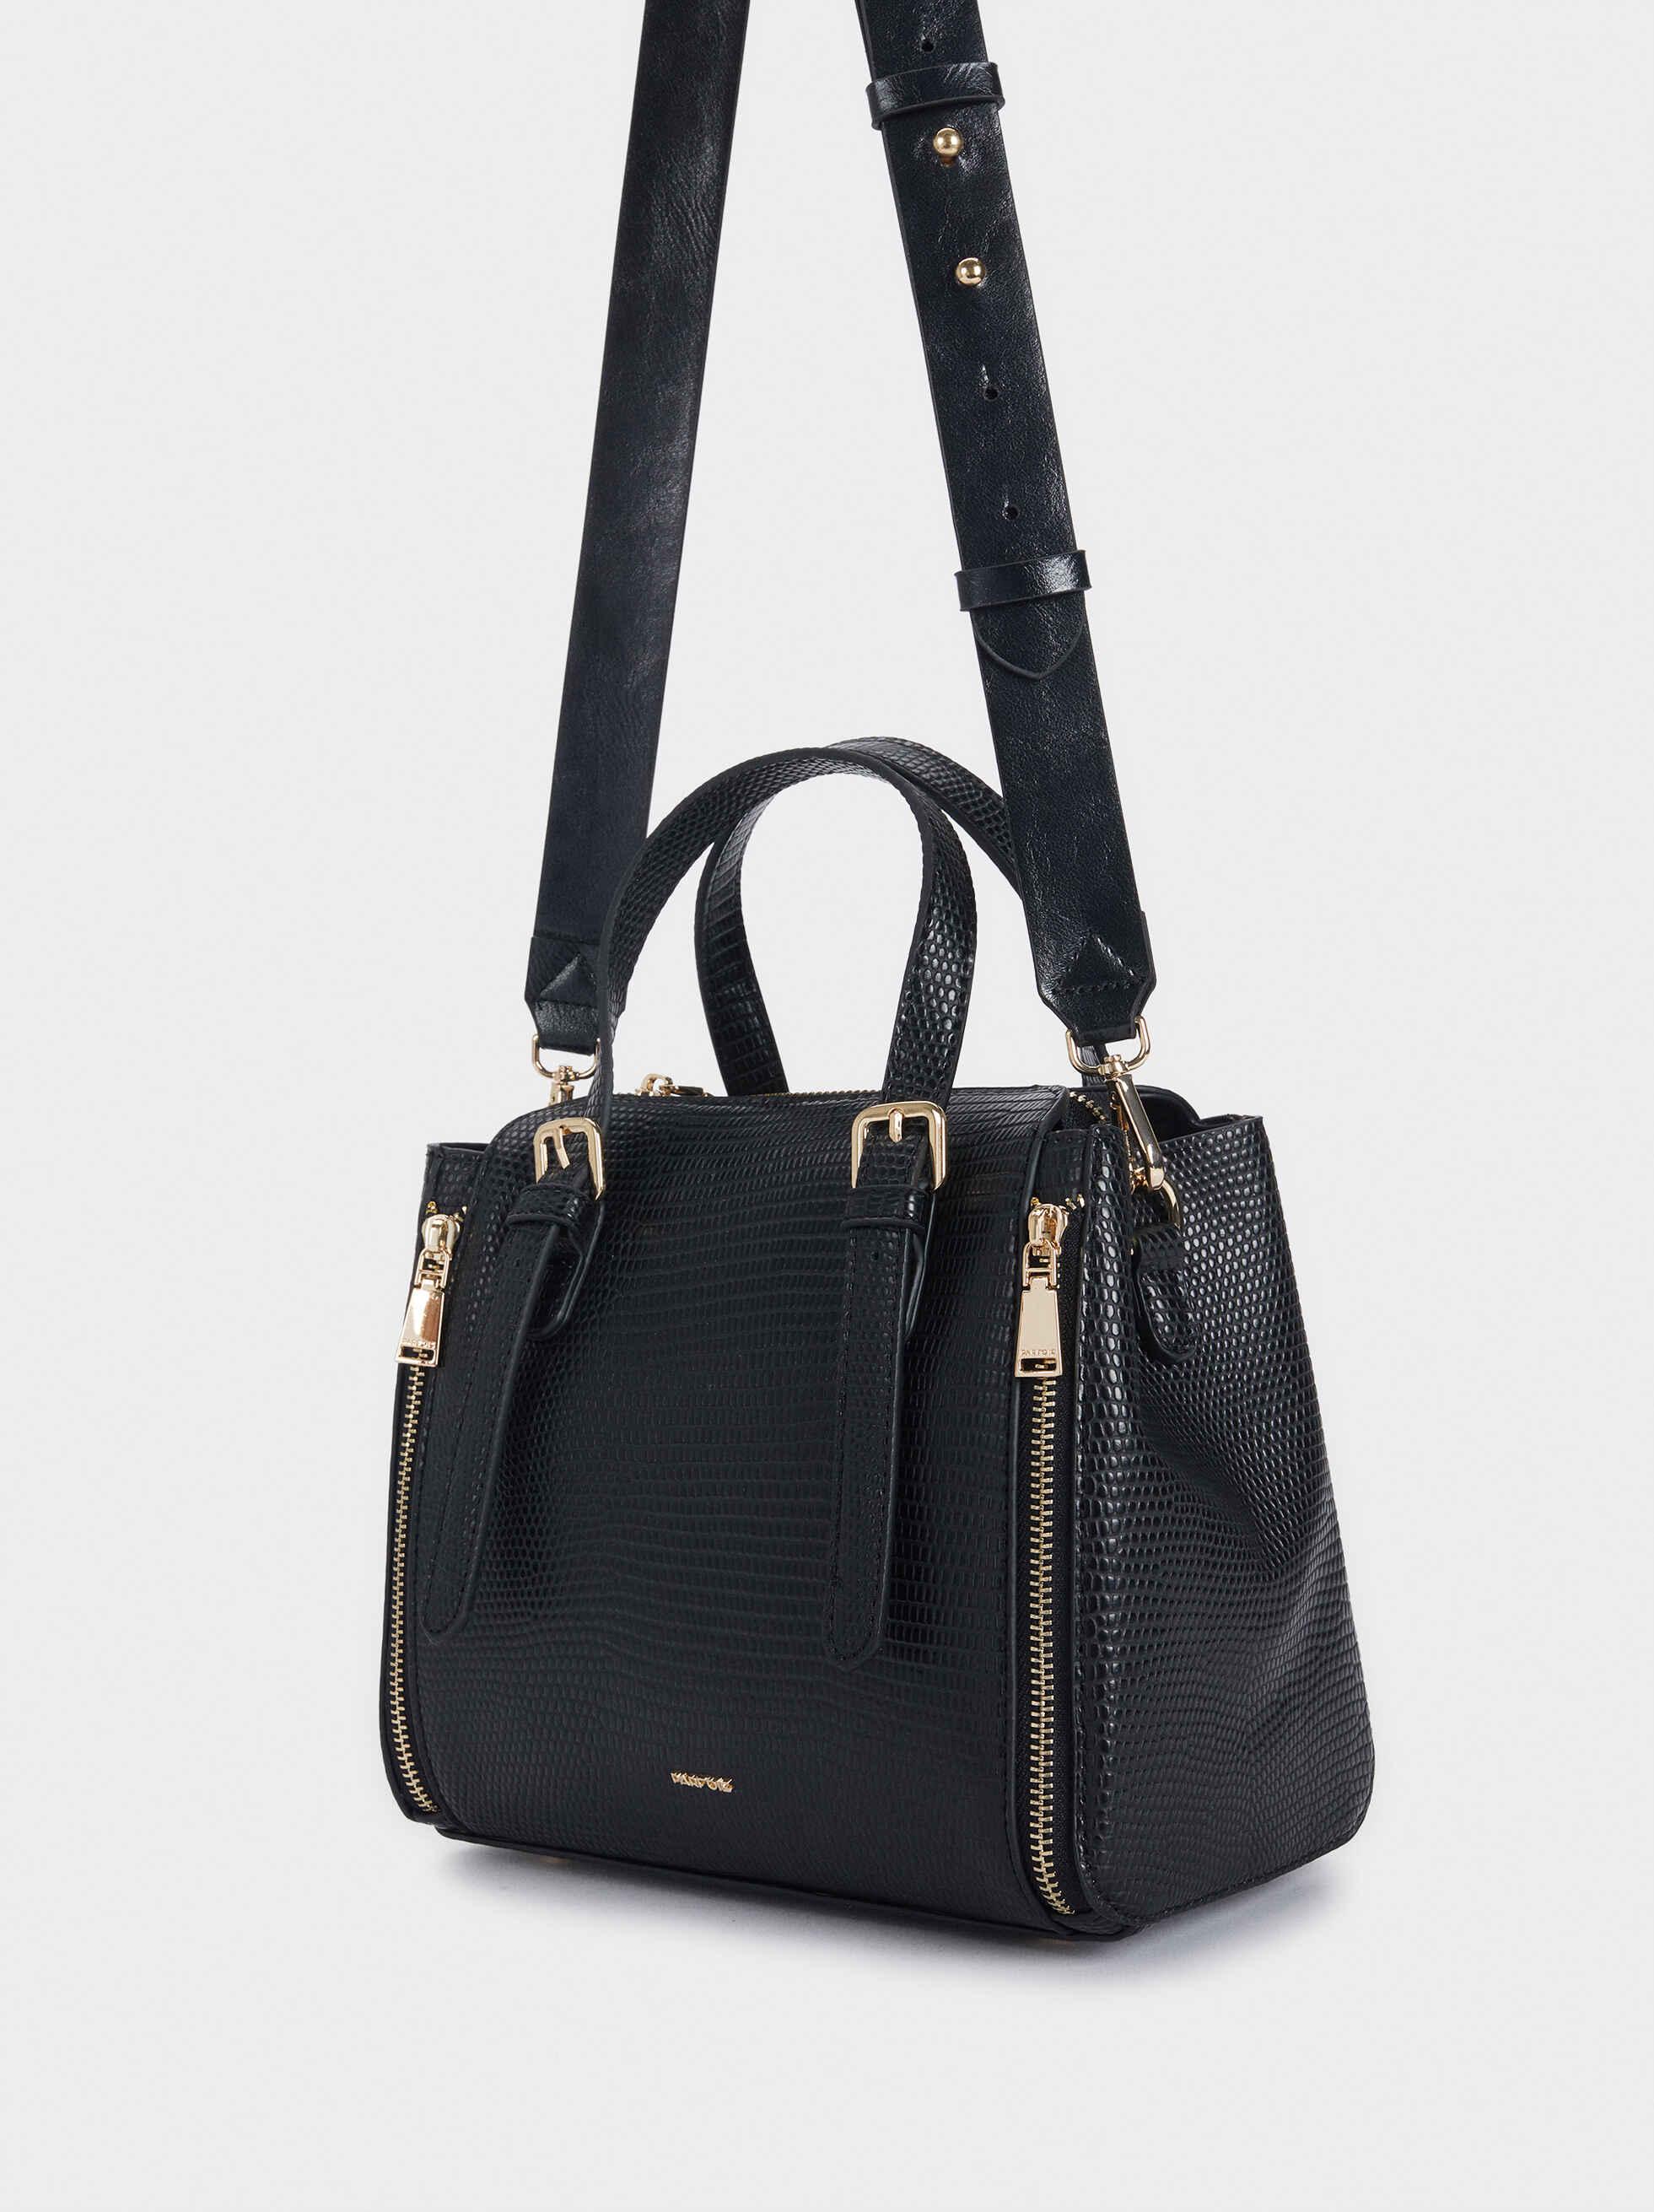 Animal Print Tote Bag With Zip Detailing, Black, hi-res